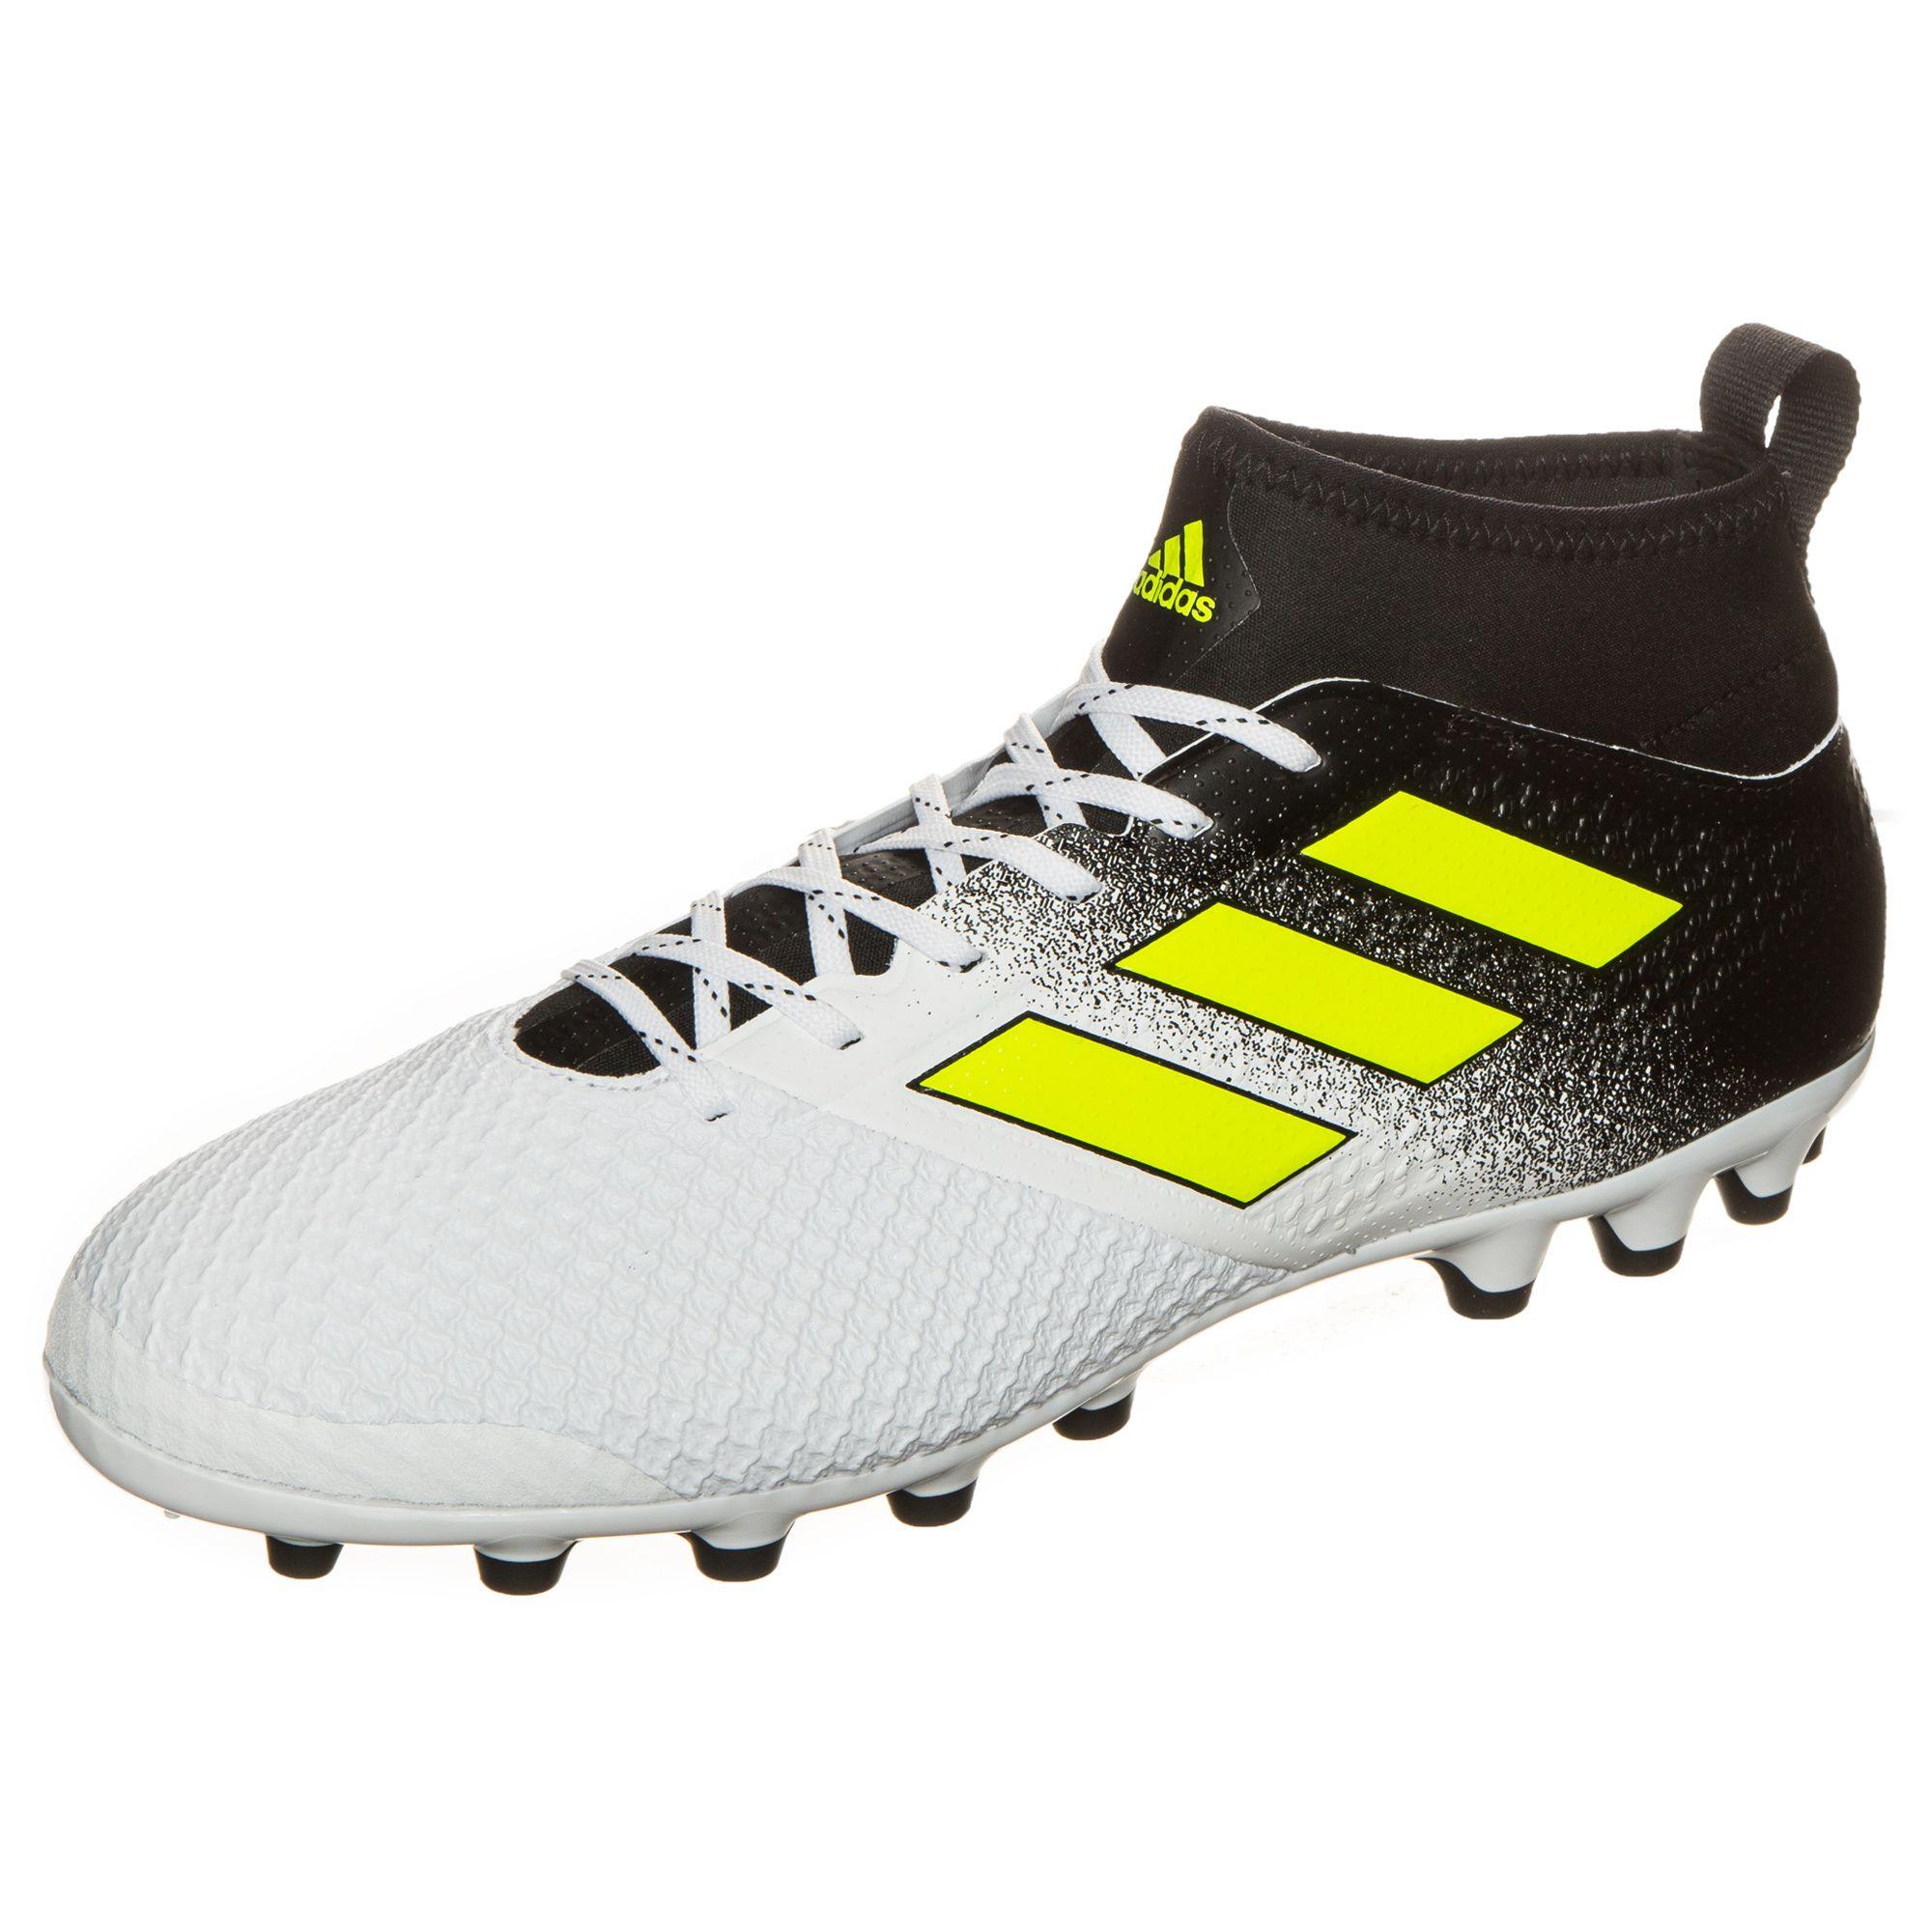 ADIDAS PERFORMANCE adidas Performance ACE 17.3 AG Fußballschuh Herren